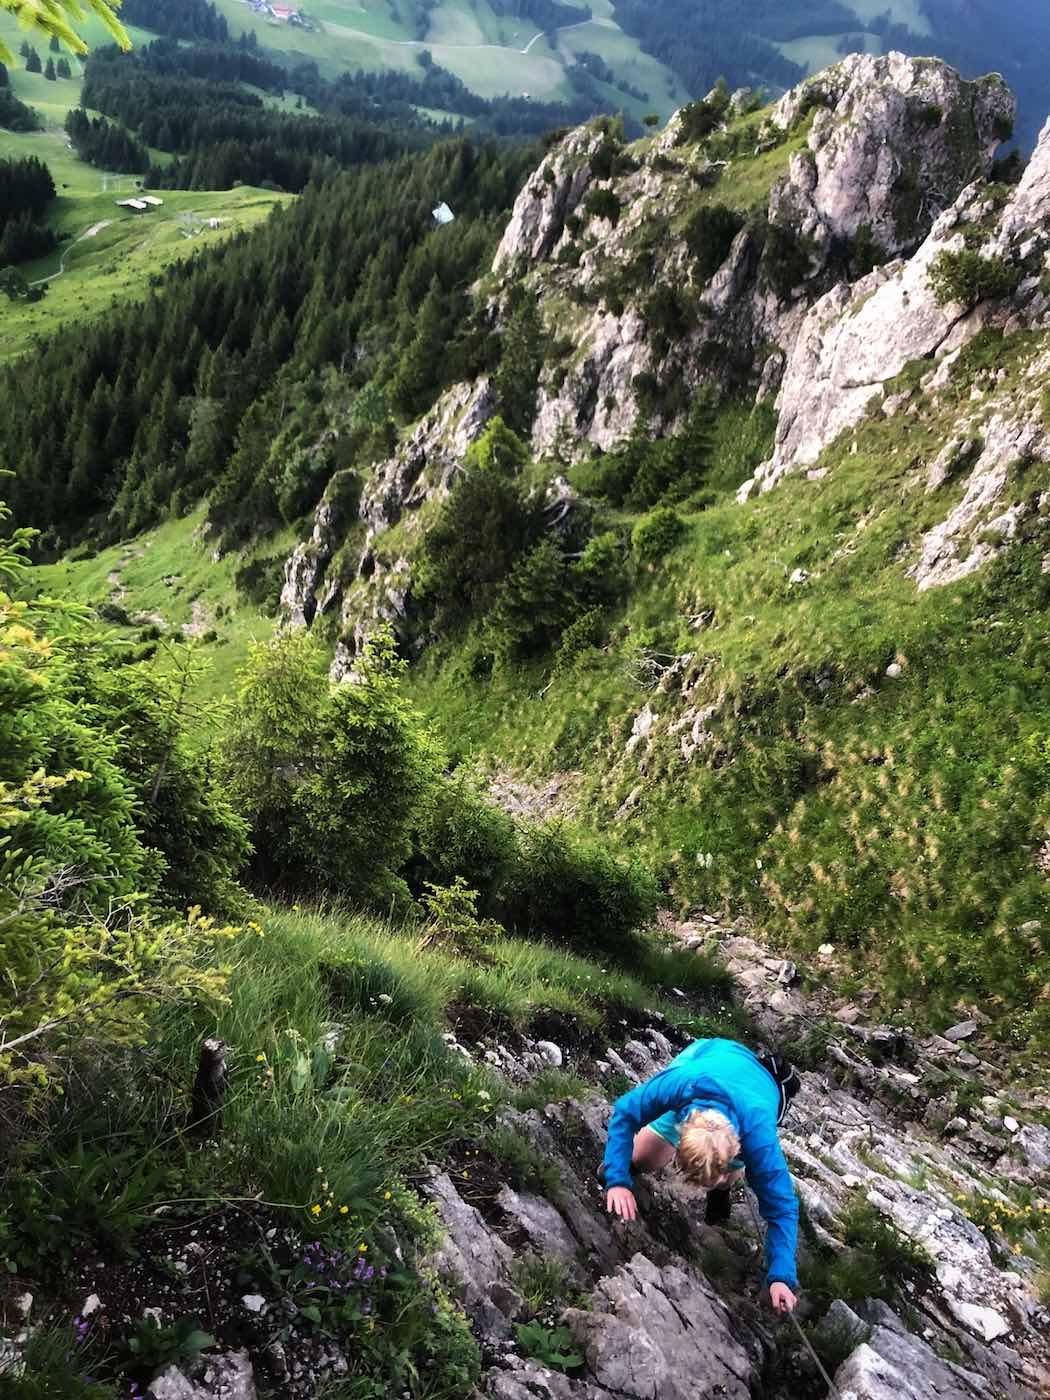 Leichte Kletterei beim Abstieg vom Sorgschrofen